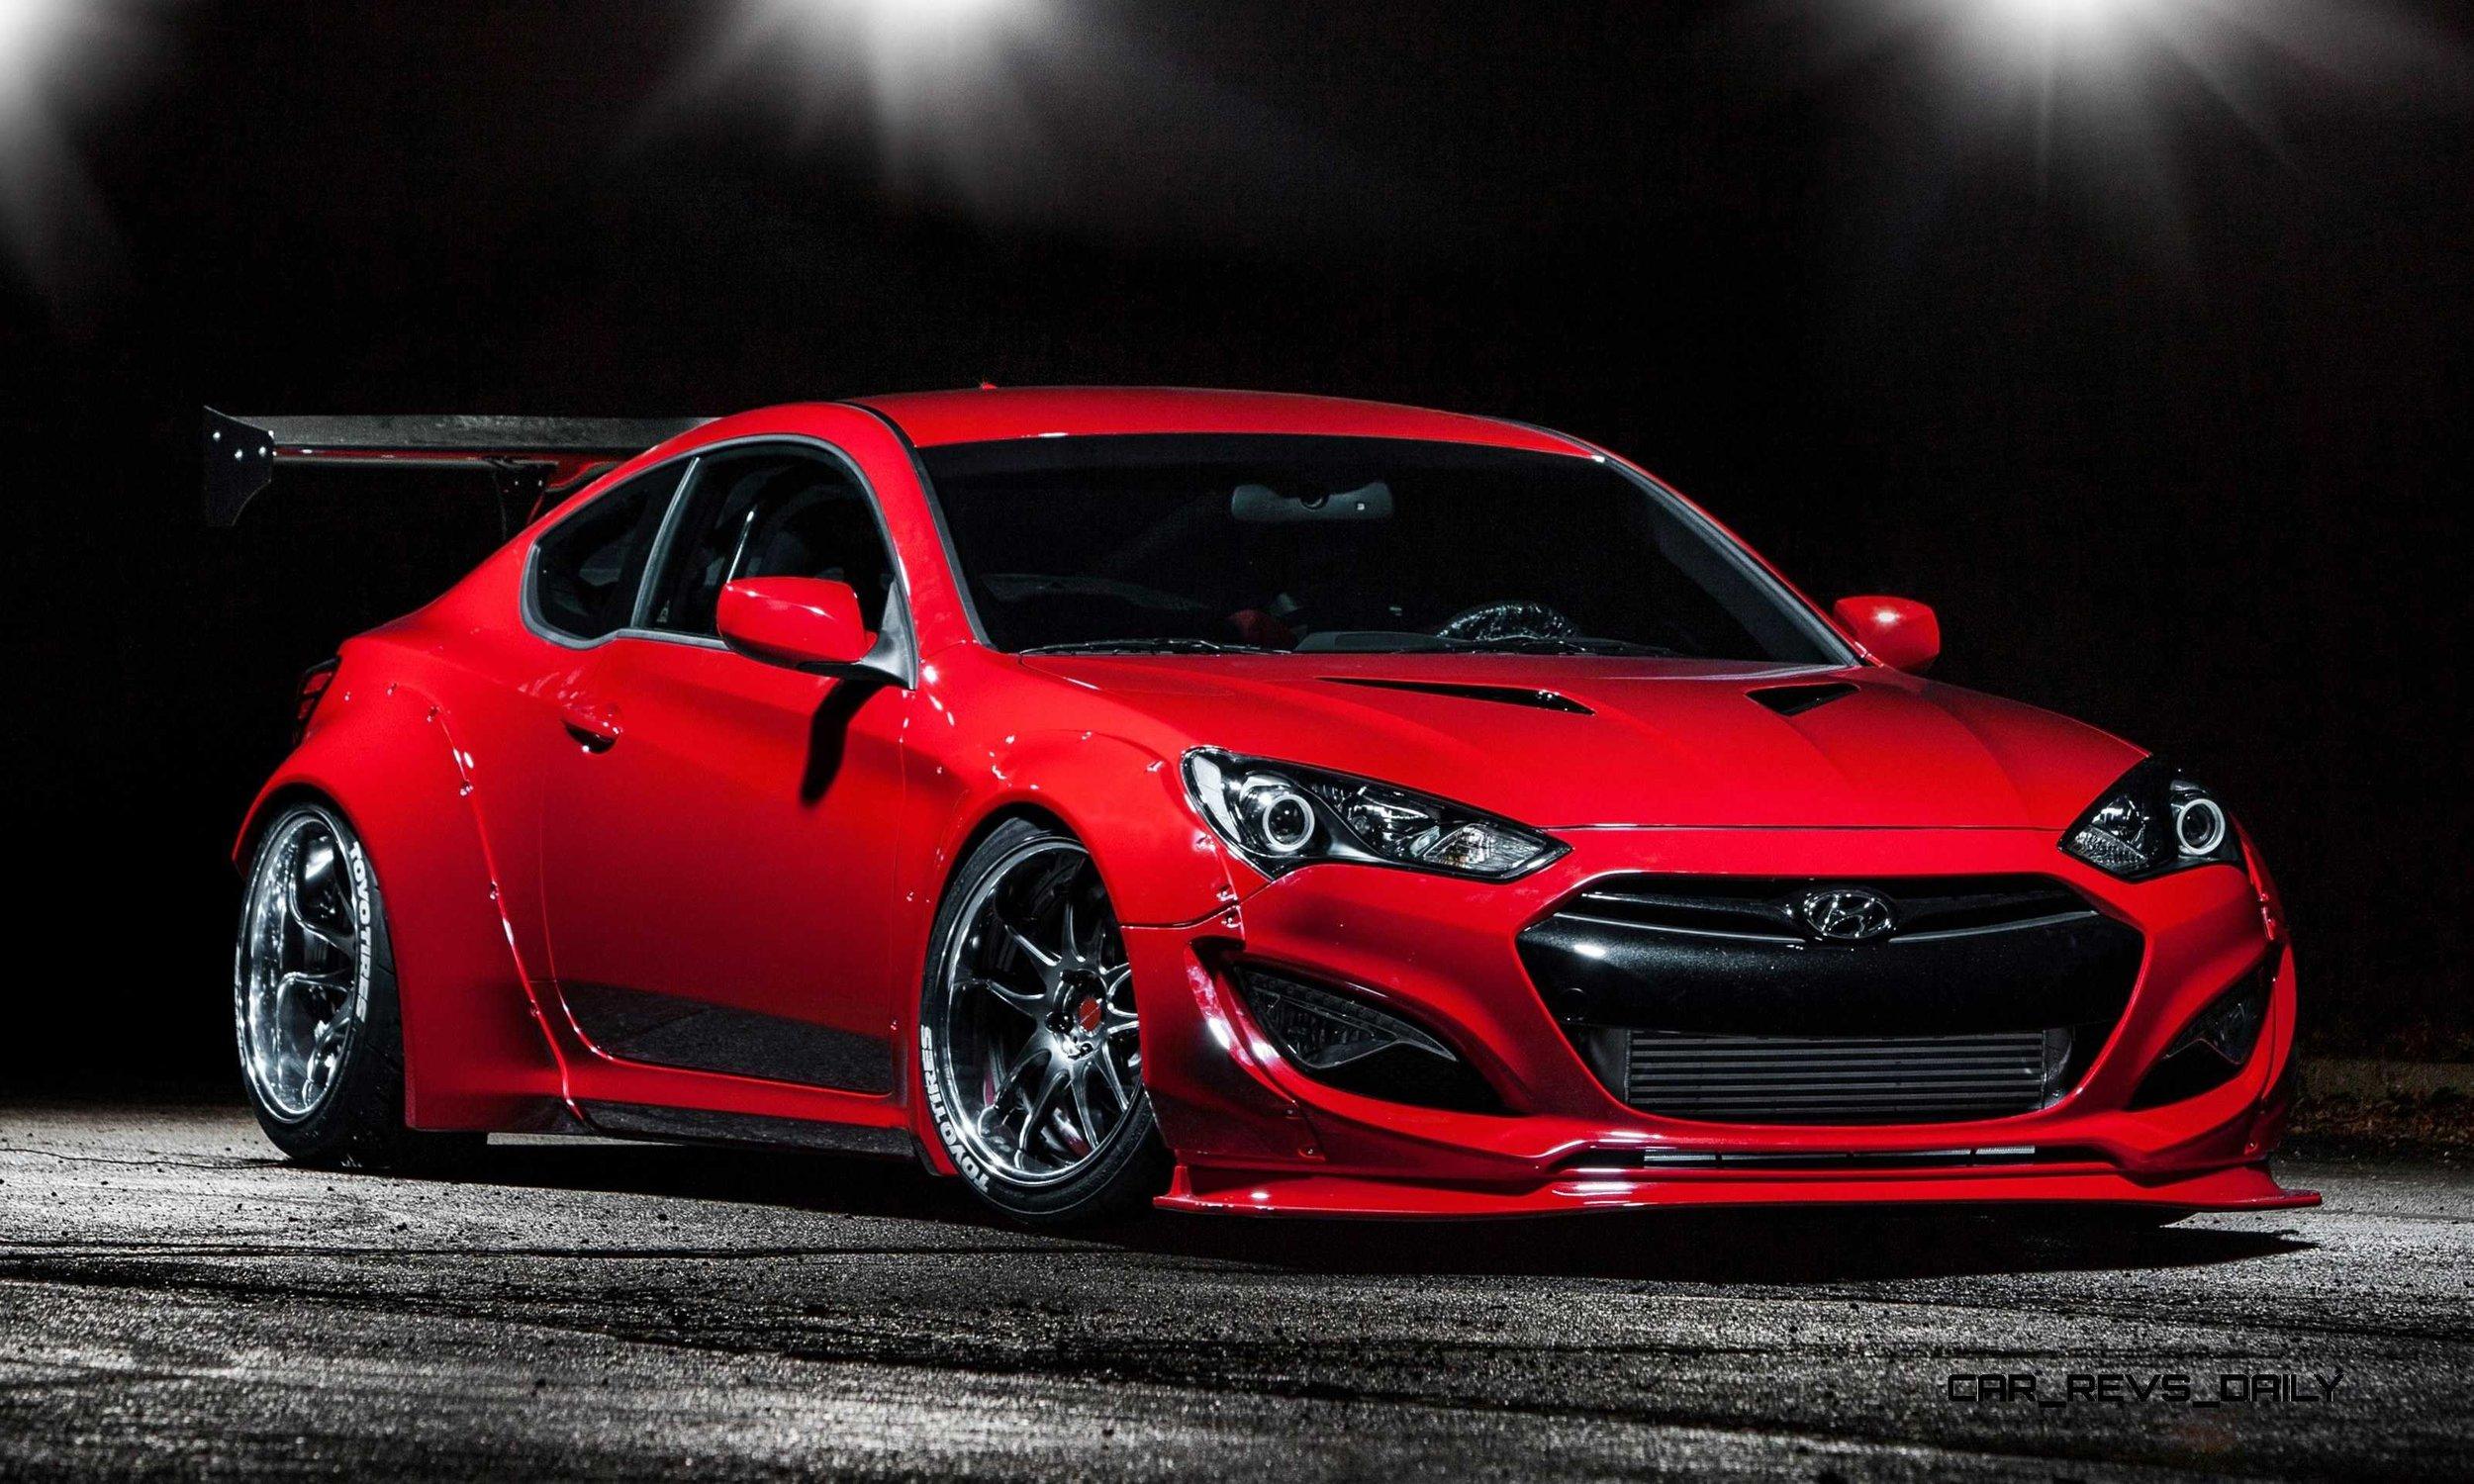 Hyundai-Genesis-Coupe-by-BloodType-Racing-17.jpg